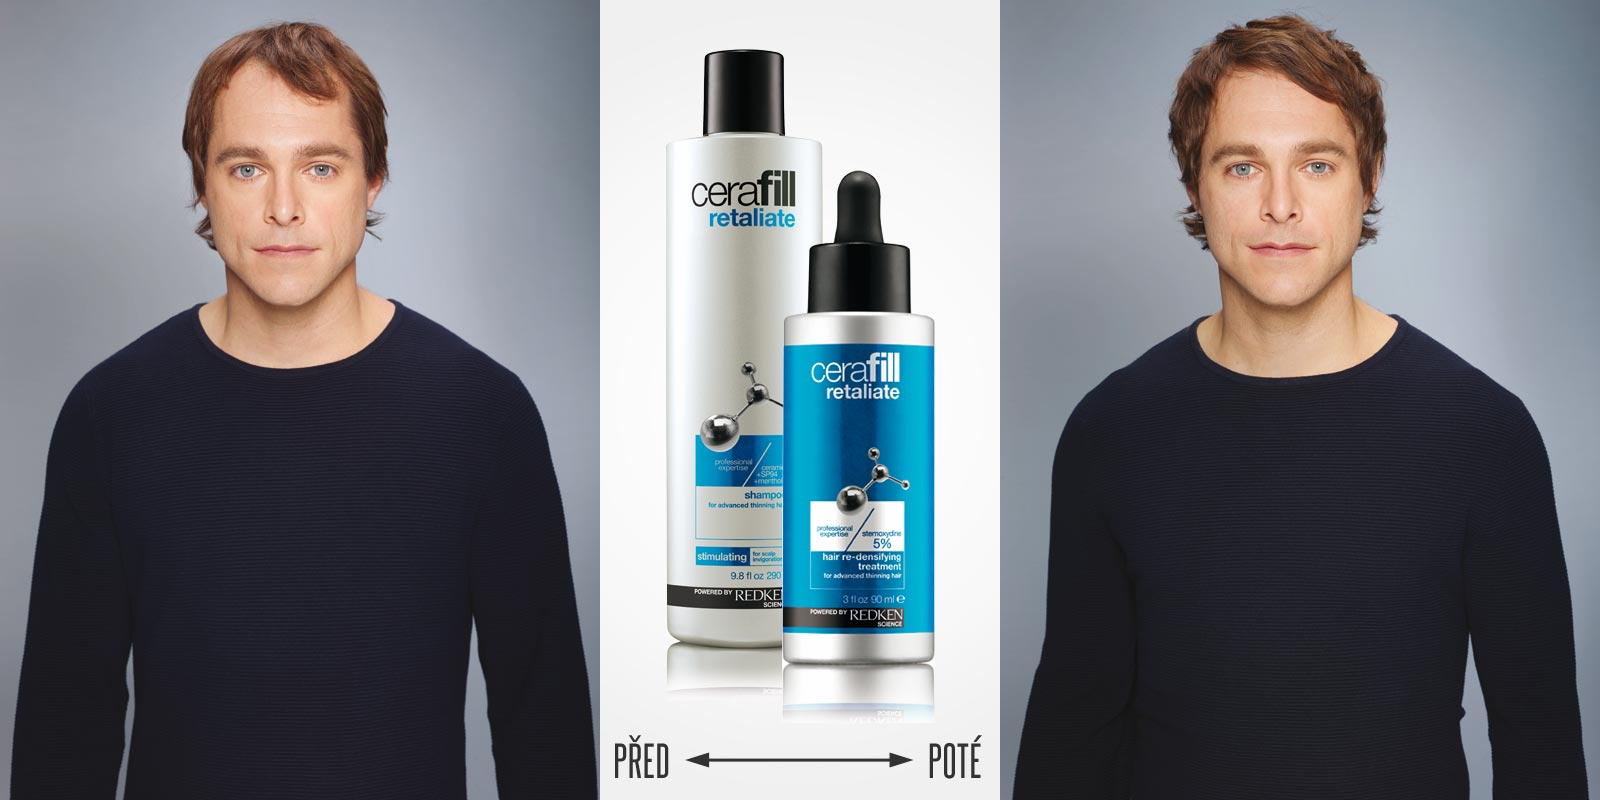 Cerafill pomáhá proti řídnutí vlasů. Před a po používání Cerafill Retaliate spolu s úpravou střihu, barvy a stylingu.